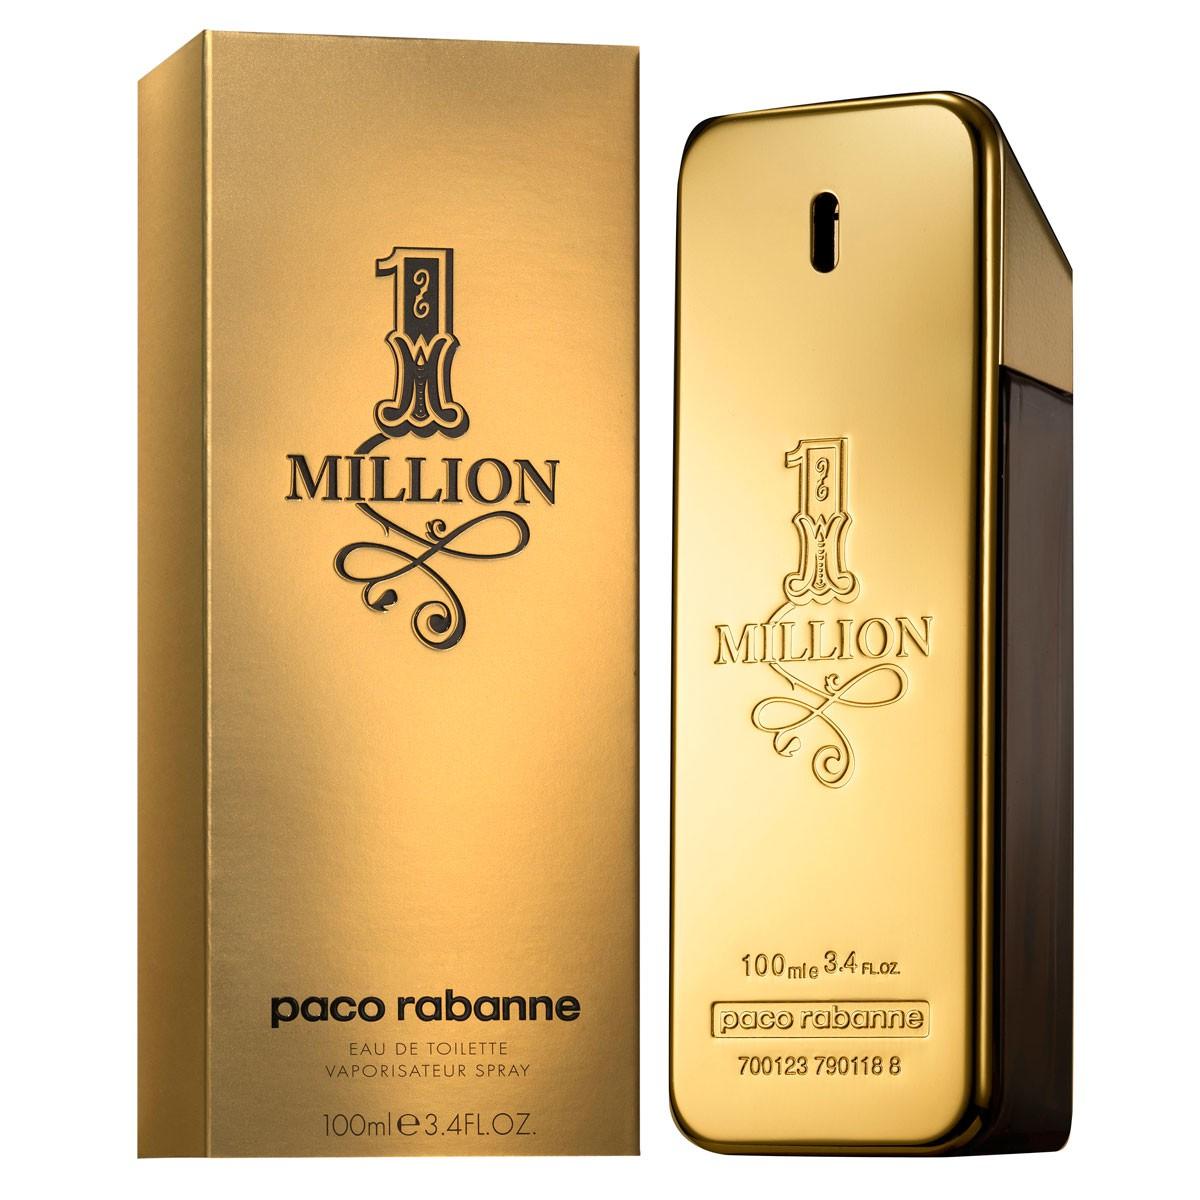 Paco Rabanne 1 Million аромат для мужчин